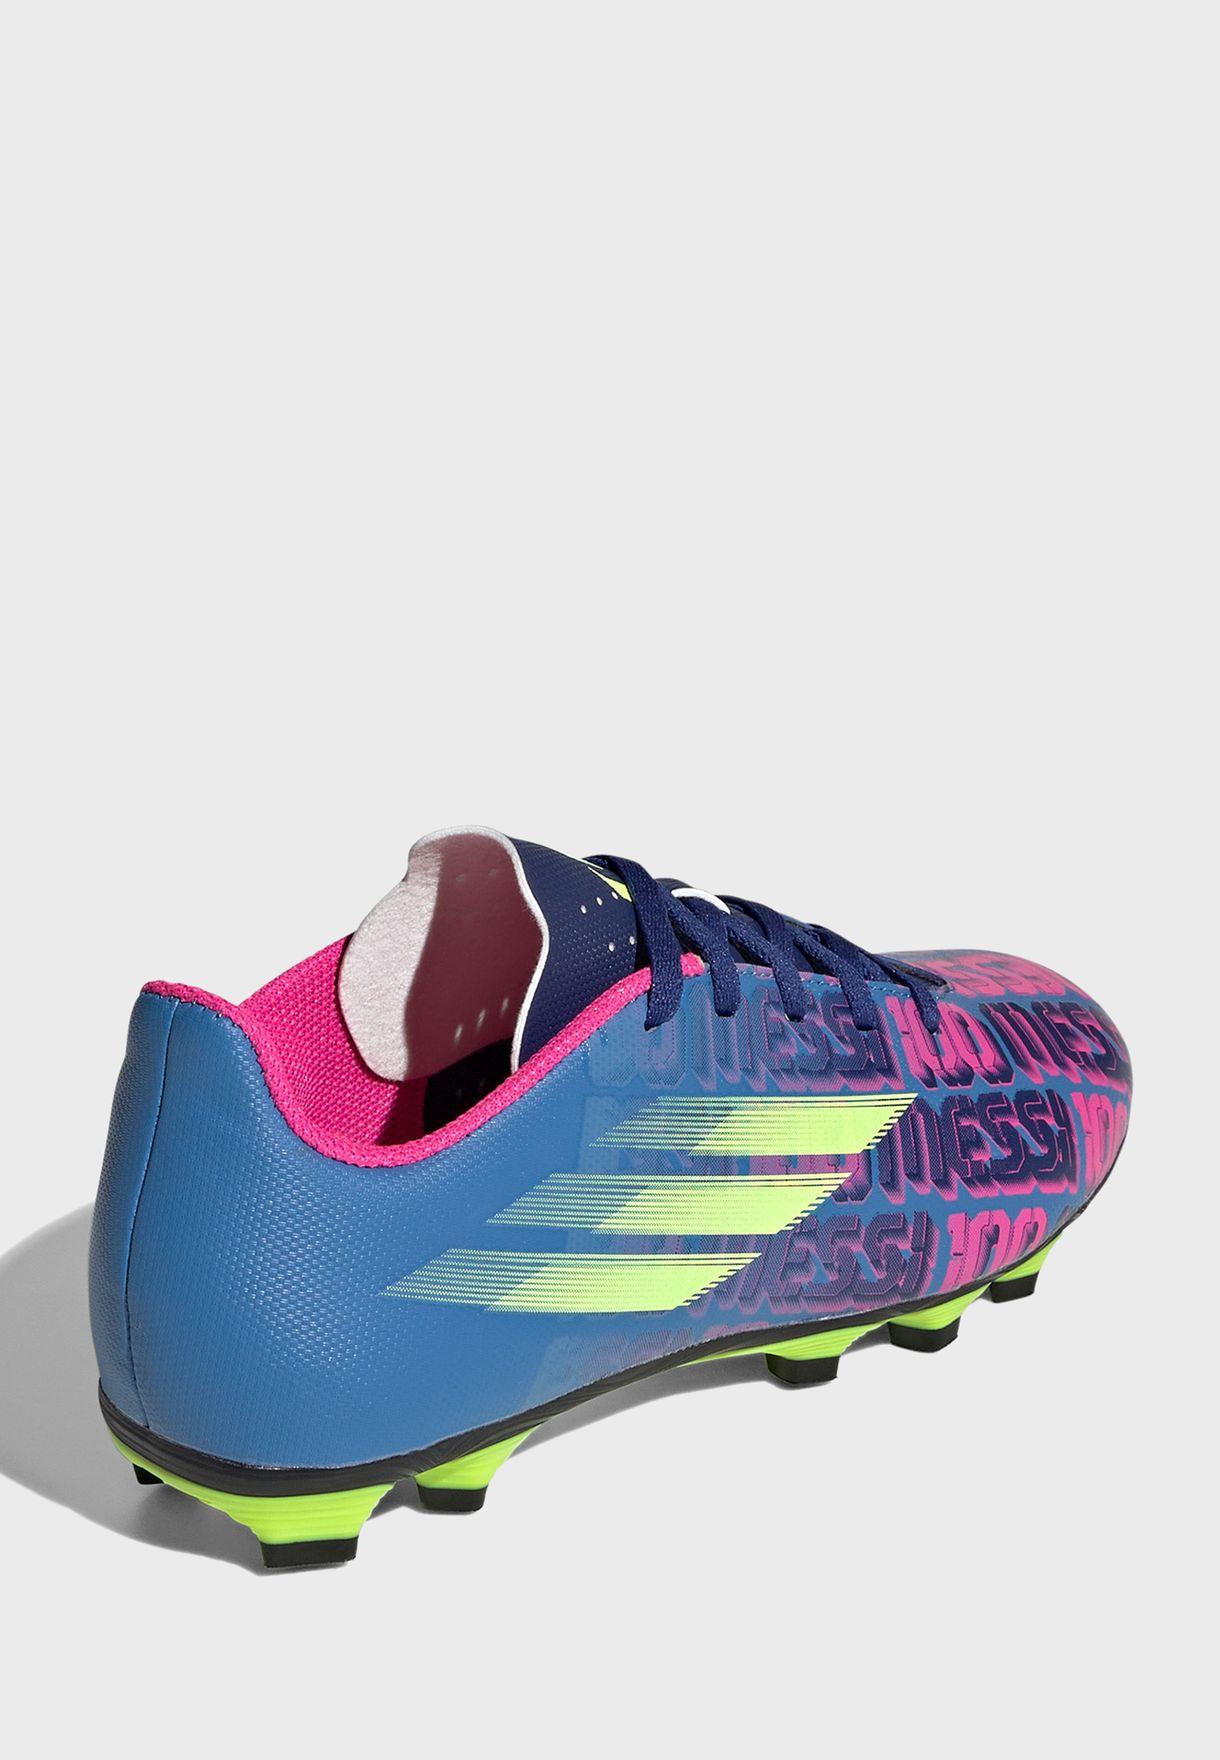 حذاء يوث X سبيد فلو ميسي 4